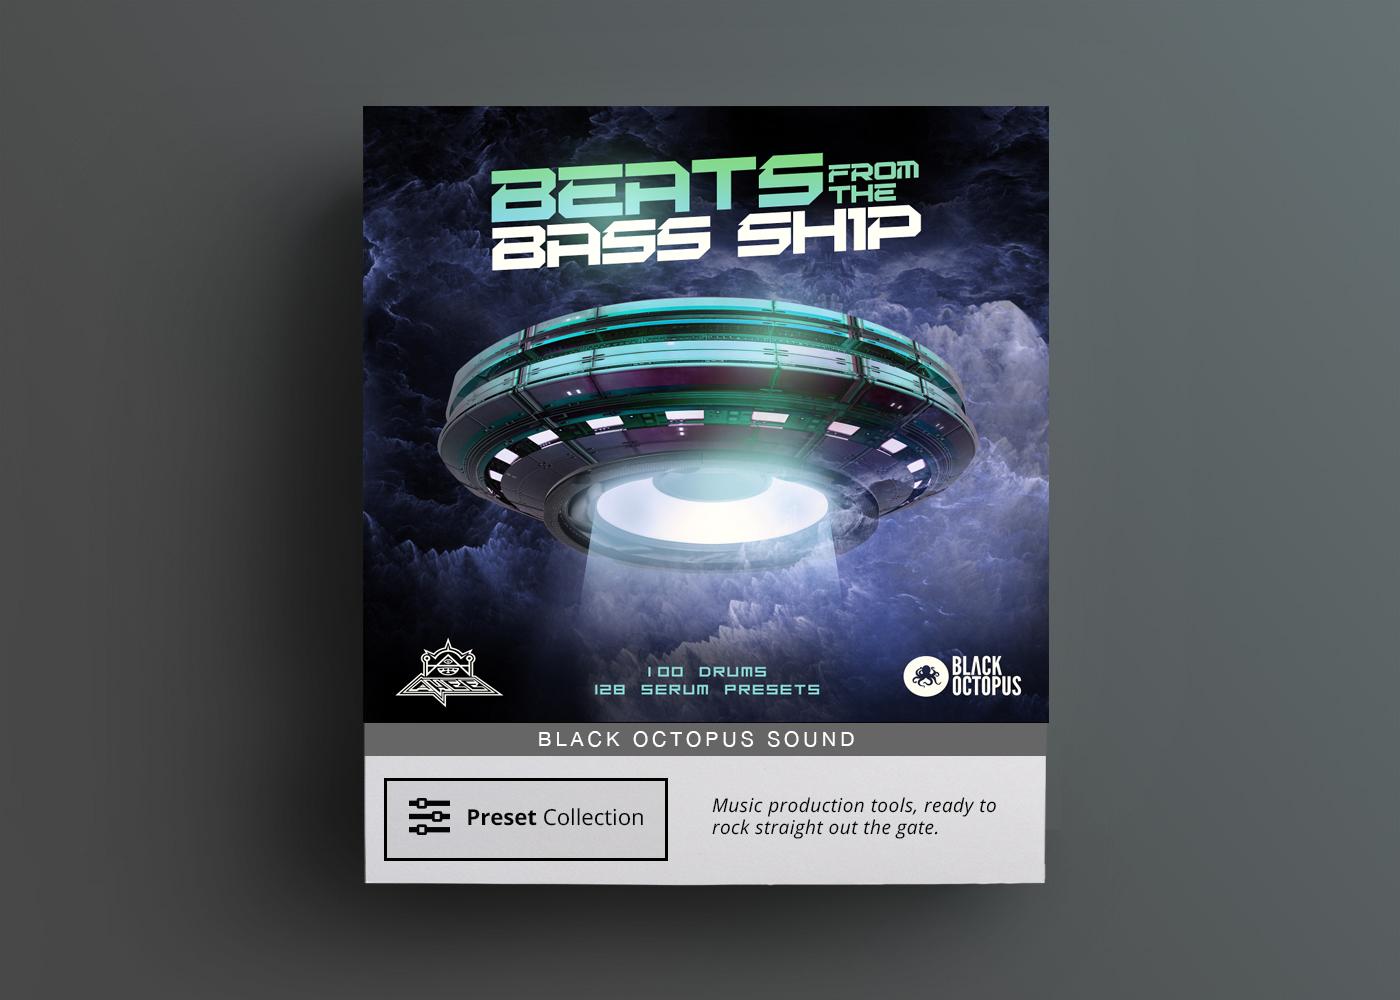 bass ship